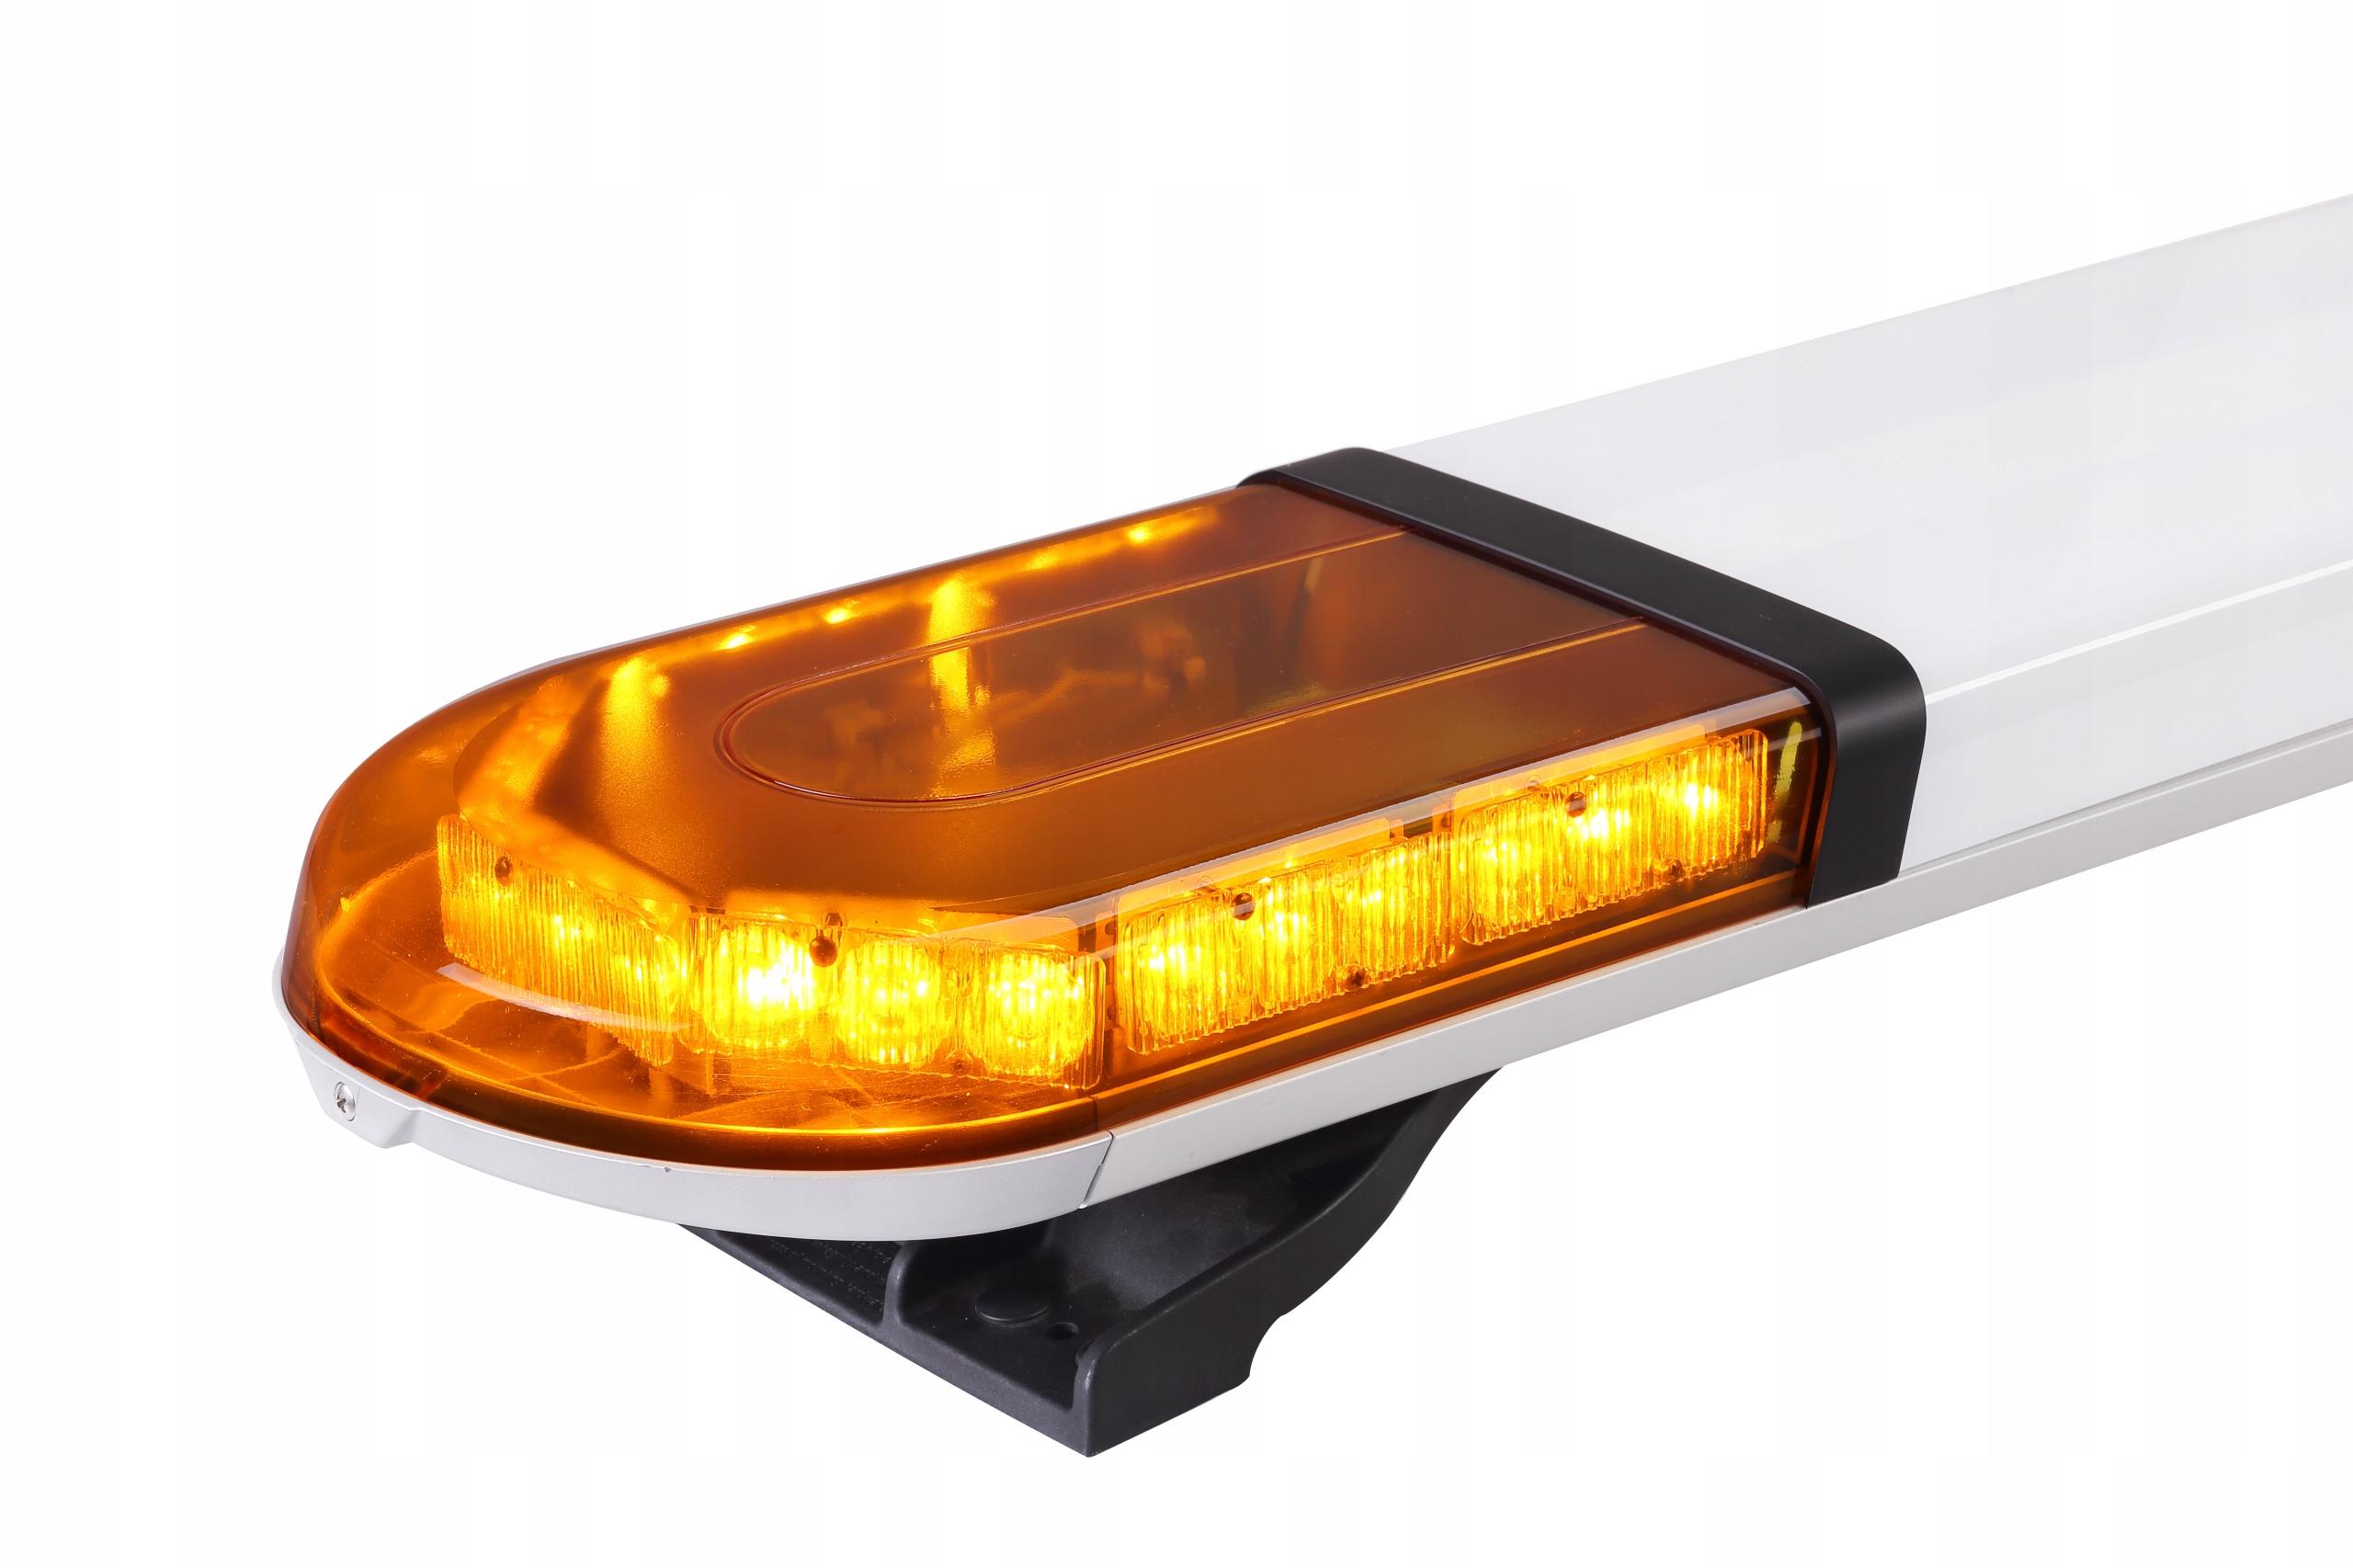 Балка лампа 911 SIGNAL 42 12V петух изображение 6